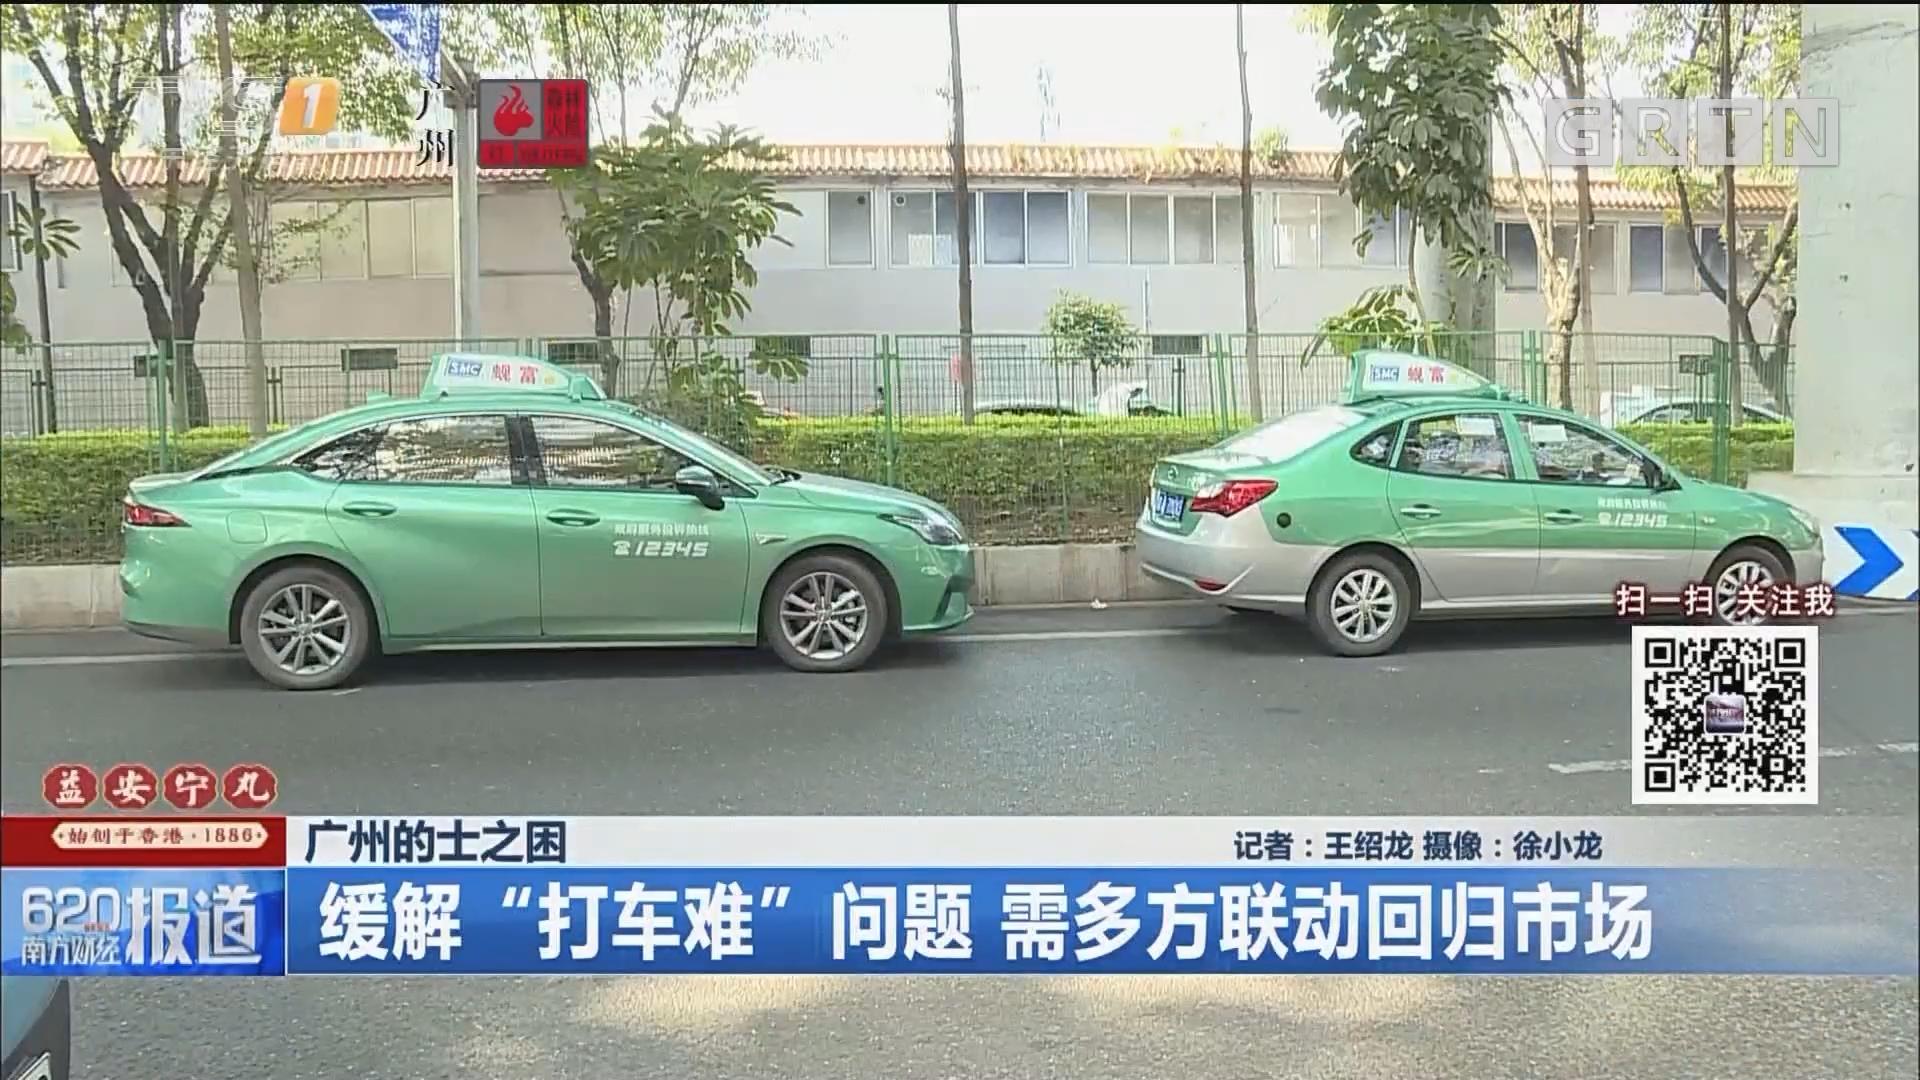 """廣州的士之困 緩解""""打車難""""問題 需多方聯動回歸市場"""